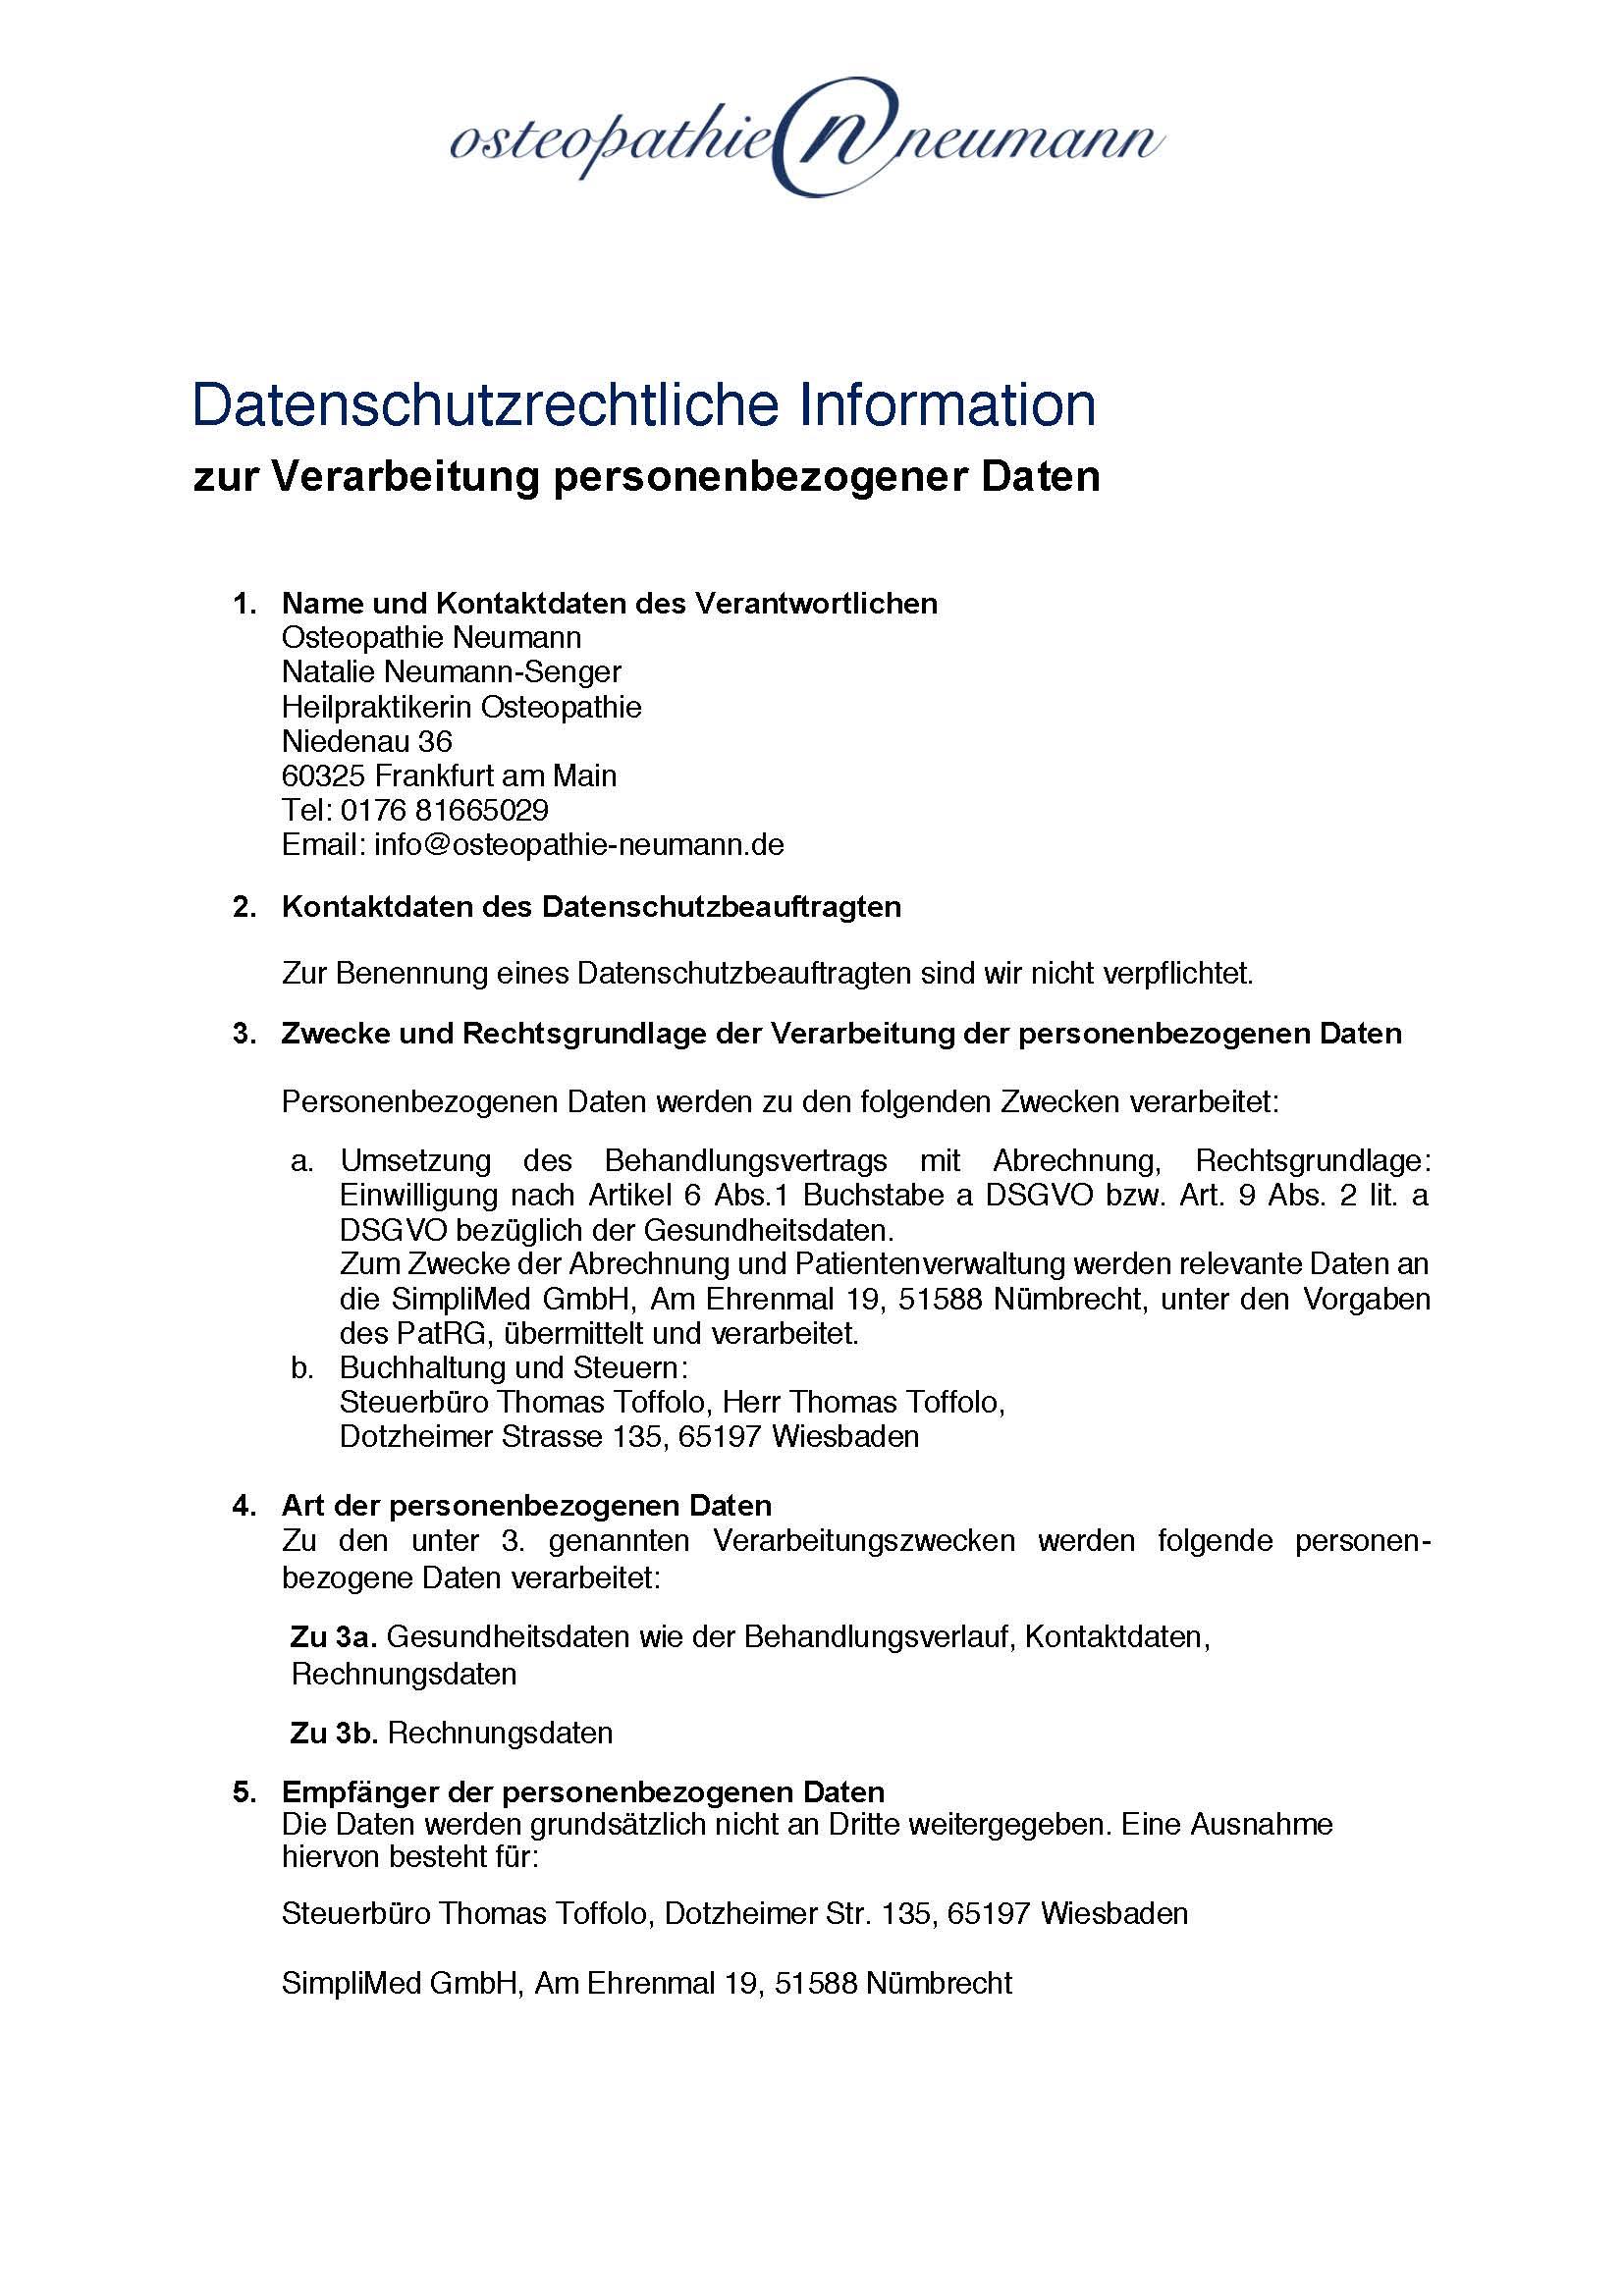 Dateschutzrechtliche information_Seite_1